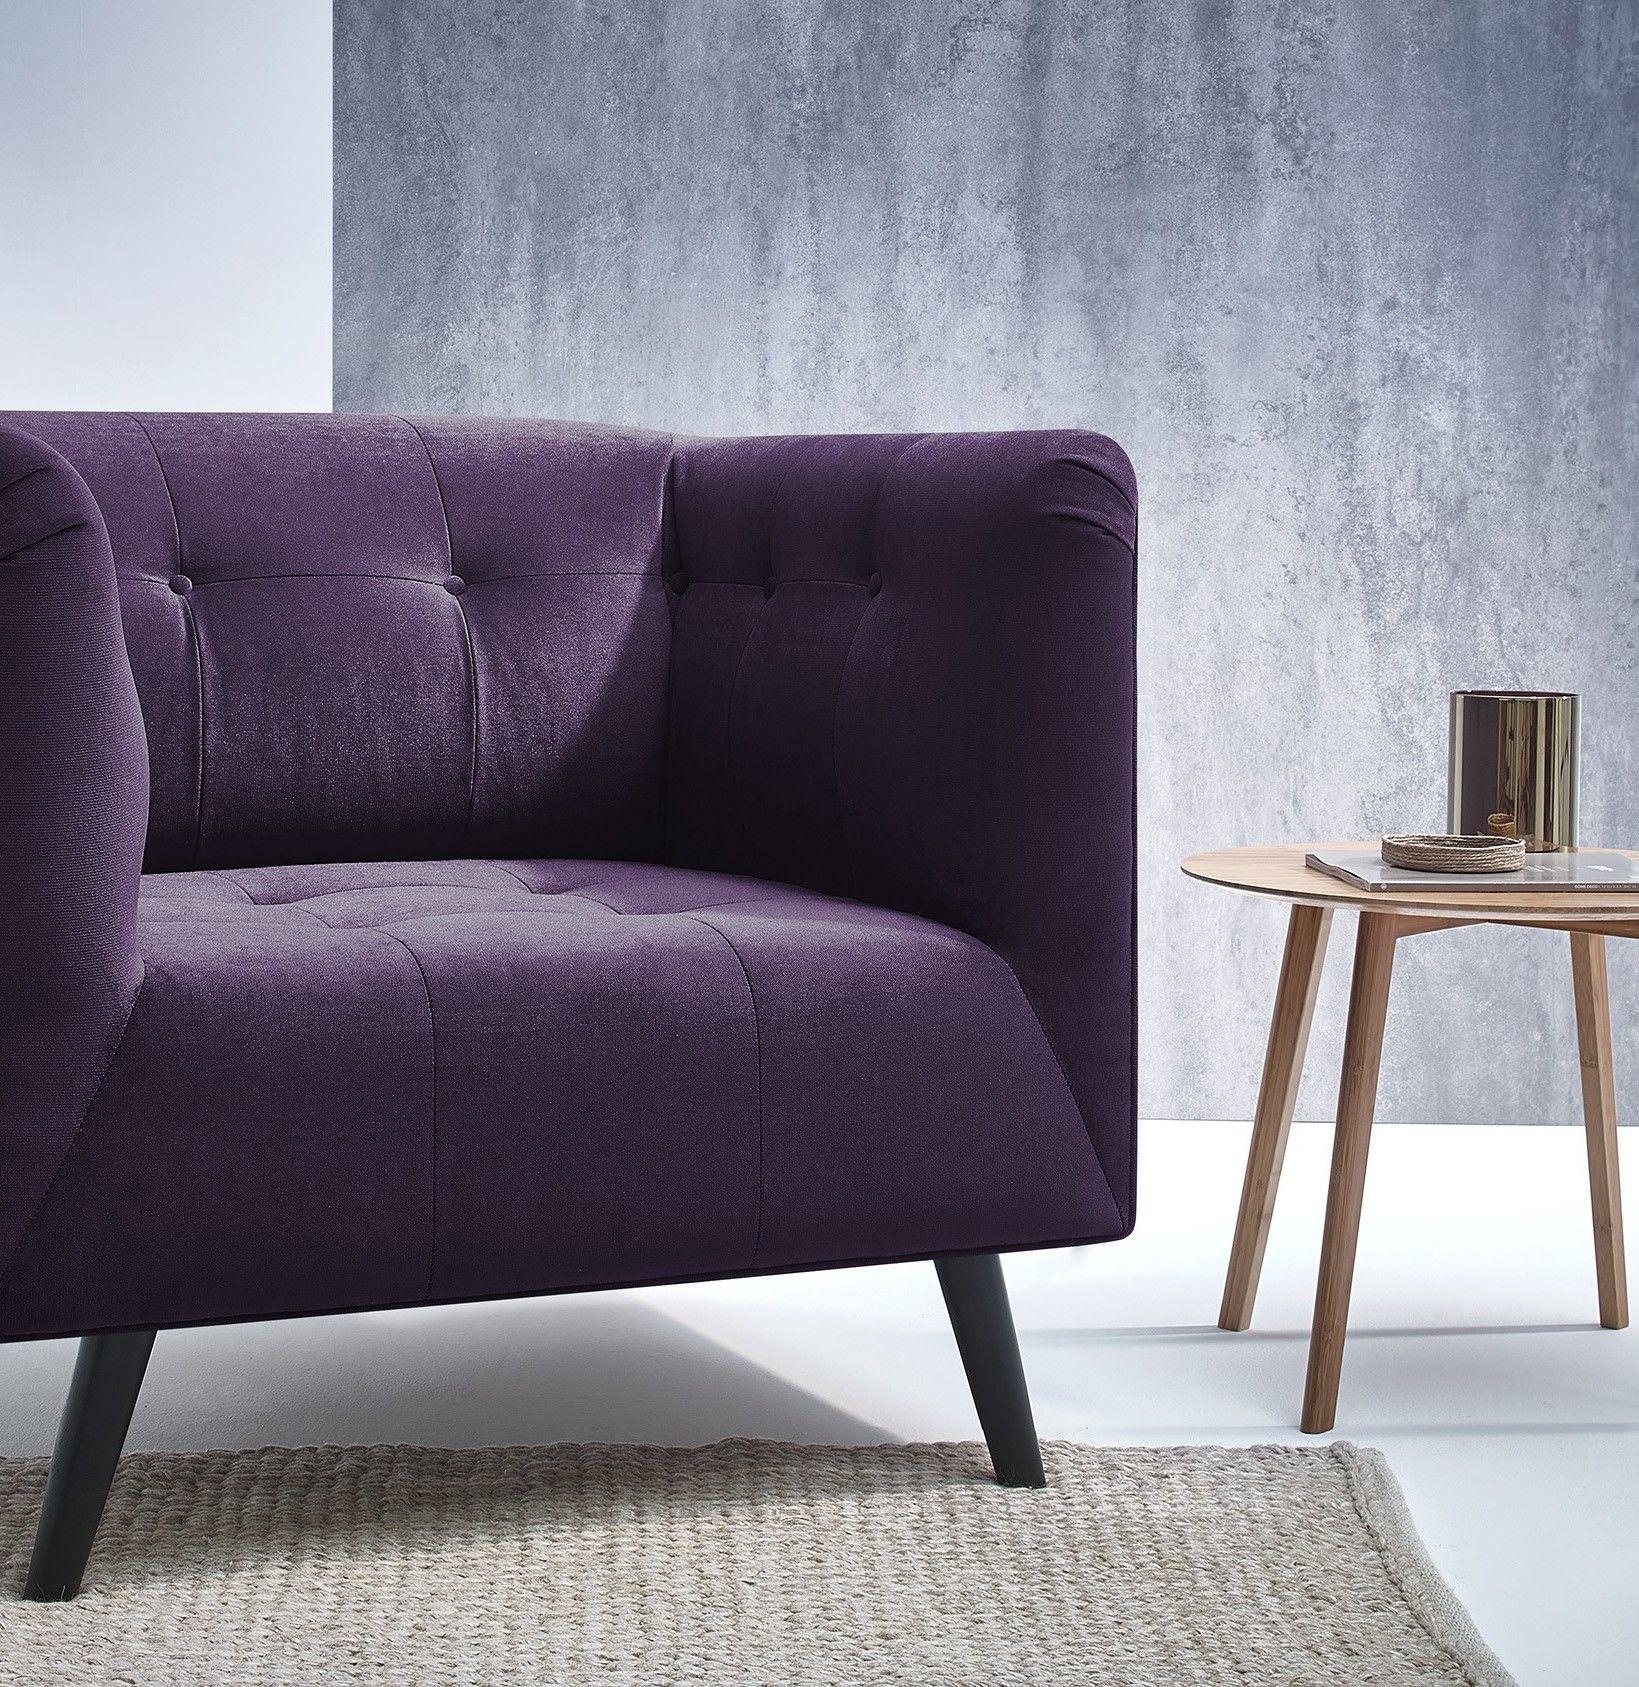 Fauteuil PARIS | Tous nos fauteuils Bobochic | Furniture, Decor et ...